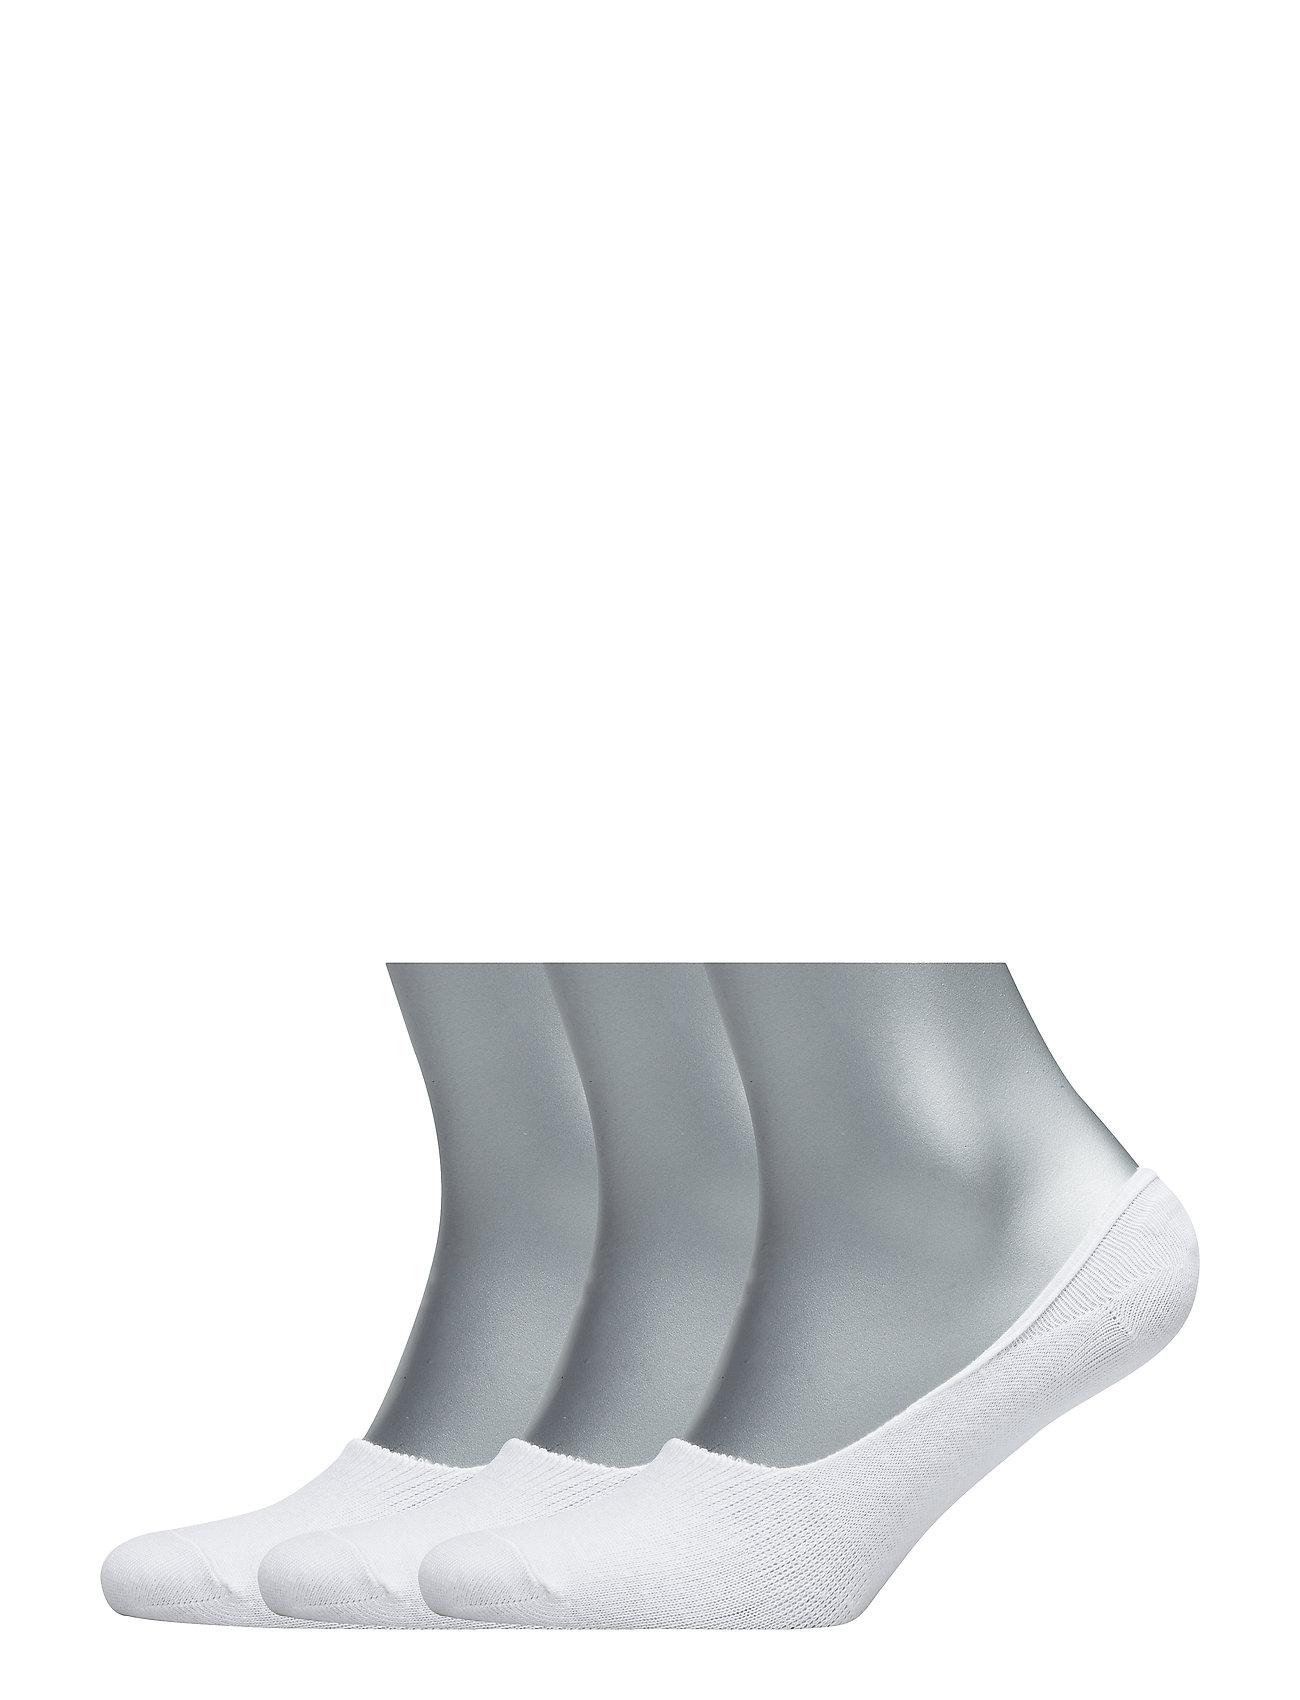 Merchandise SockletsWomenwhiteBoozt Pack Pack 3 SockletsWomenwhiteBoozt 3 SockletsWomenwhiteBoozt 3 Merchandise Merchandise Pack rdCoeExBQW